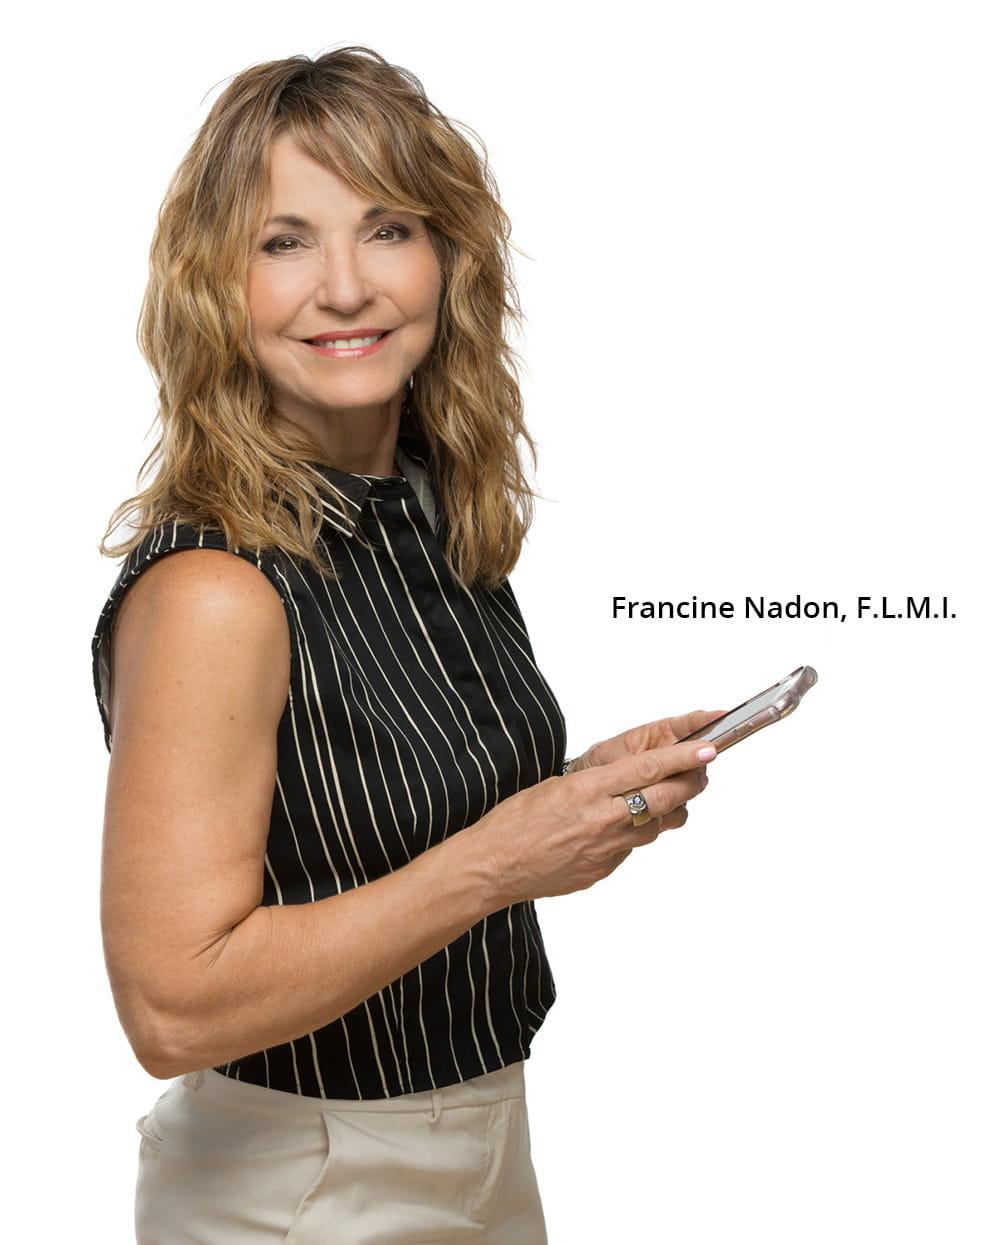 Francine Nadon